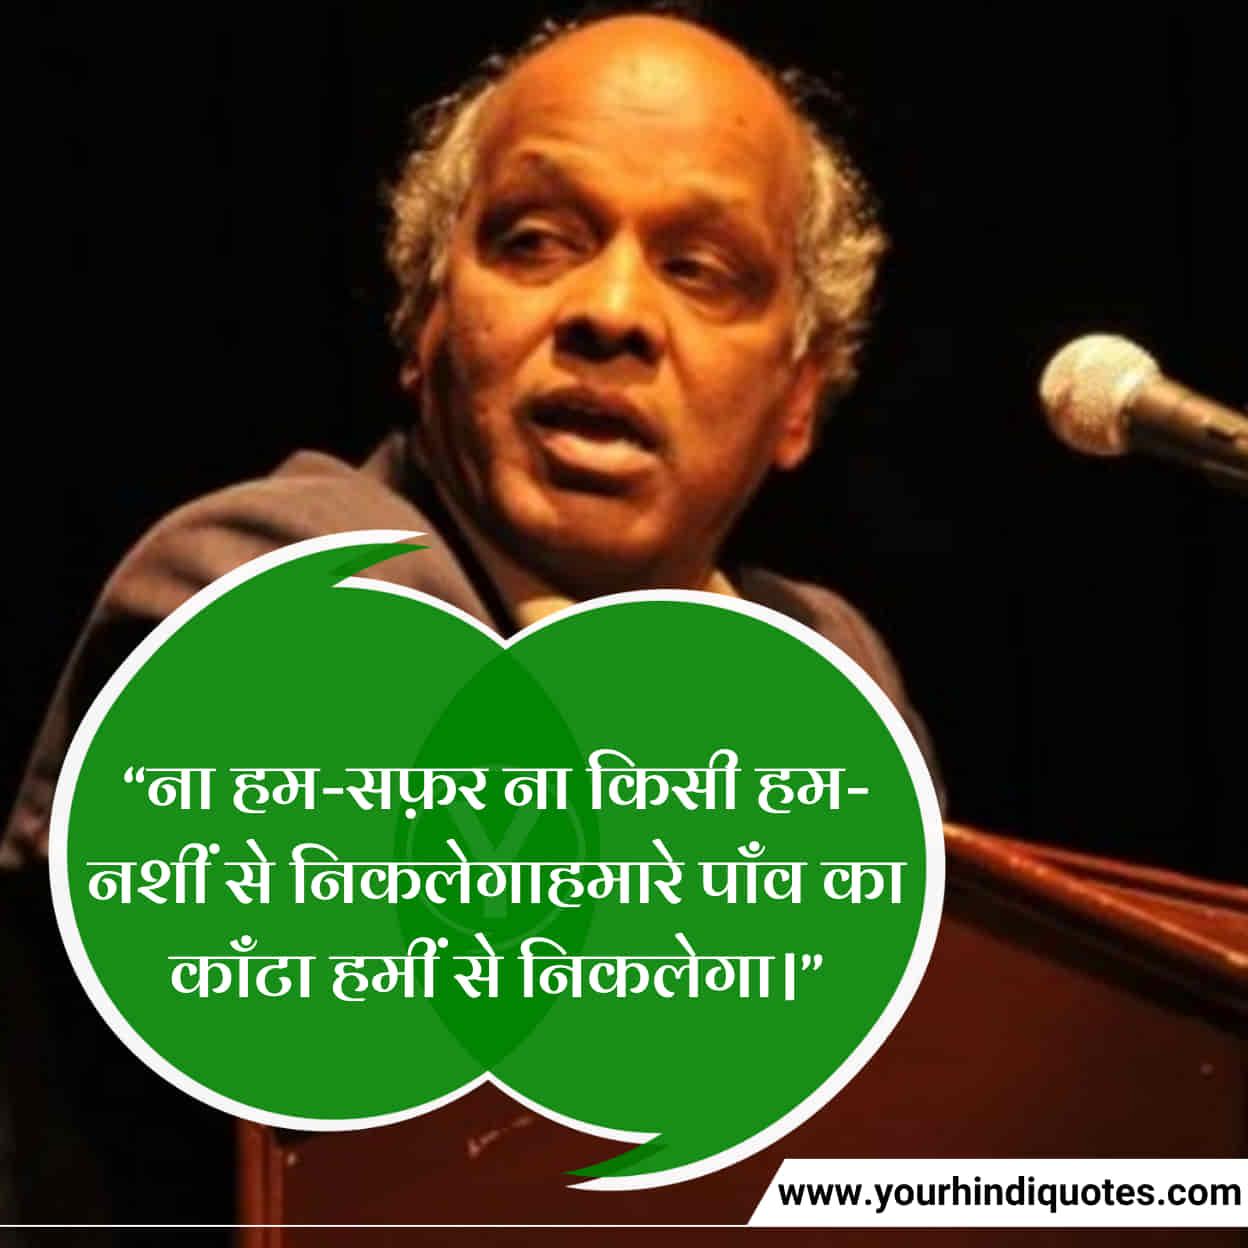 Rahat Indori Hindi Shayari on Life